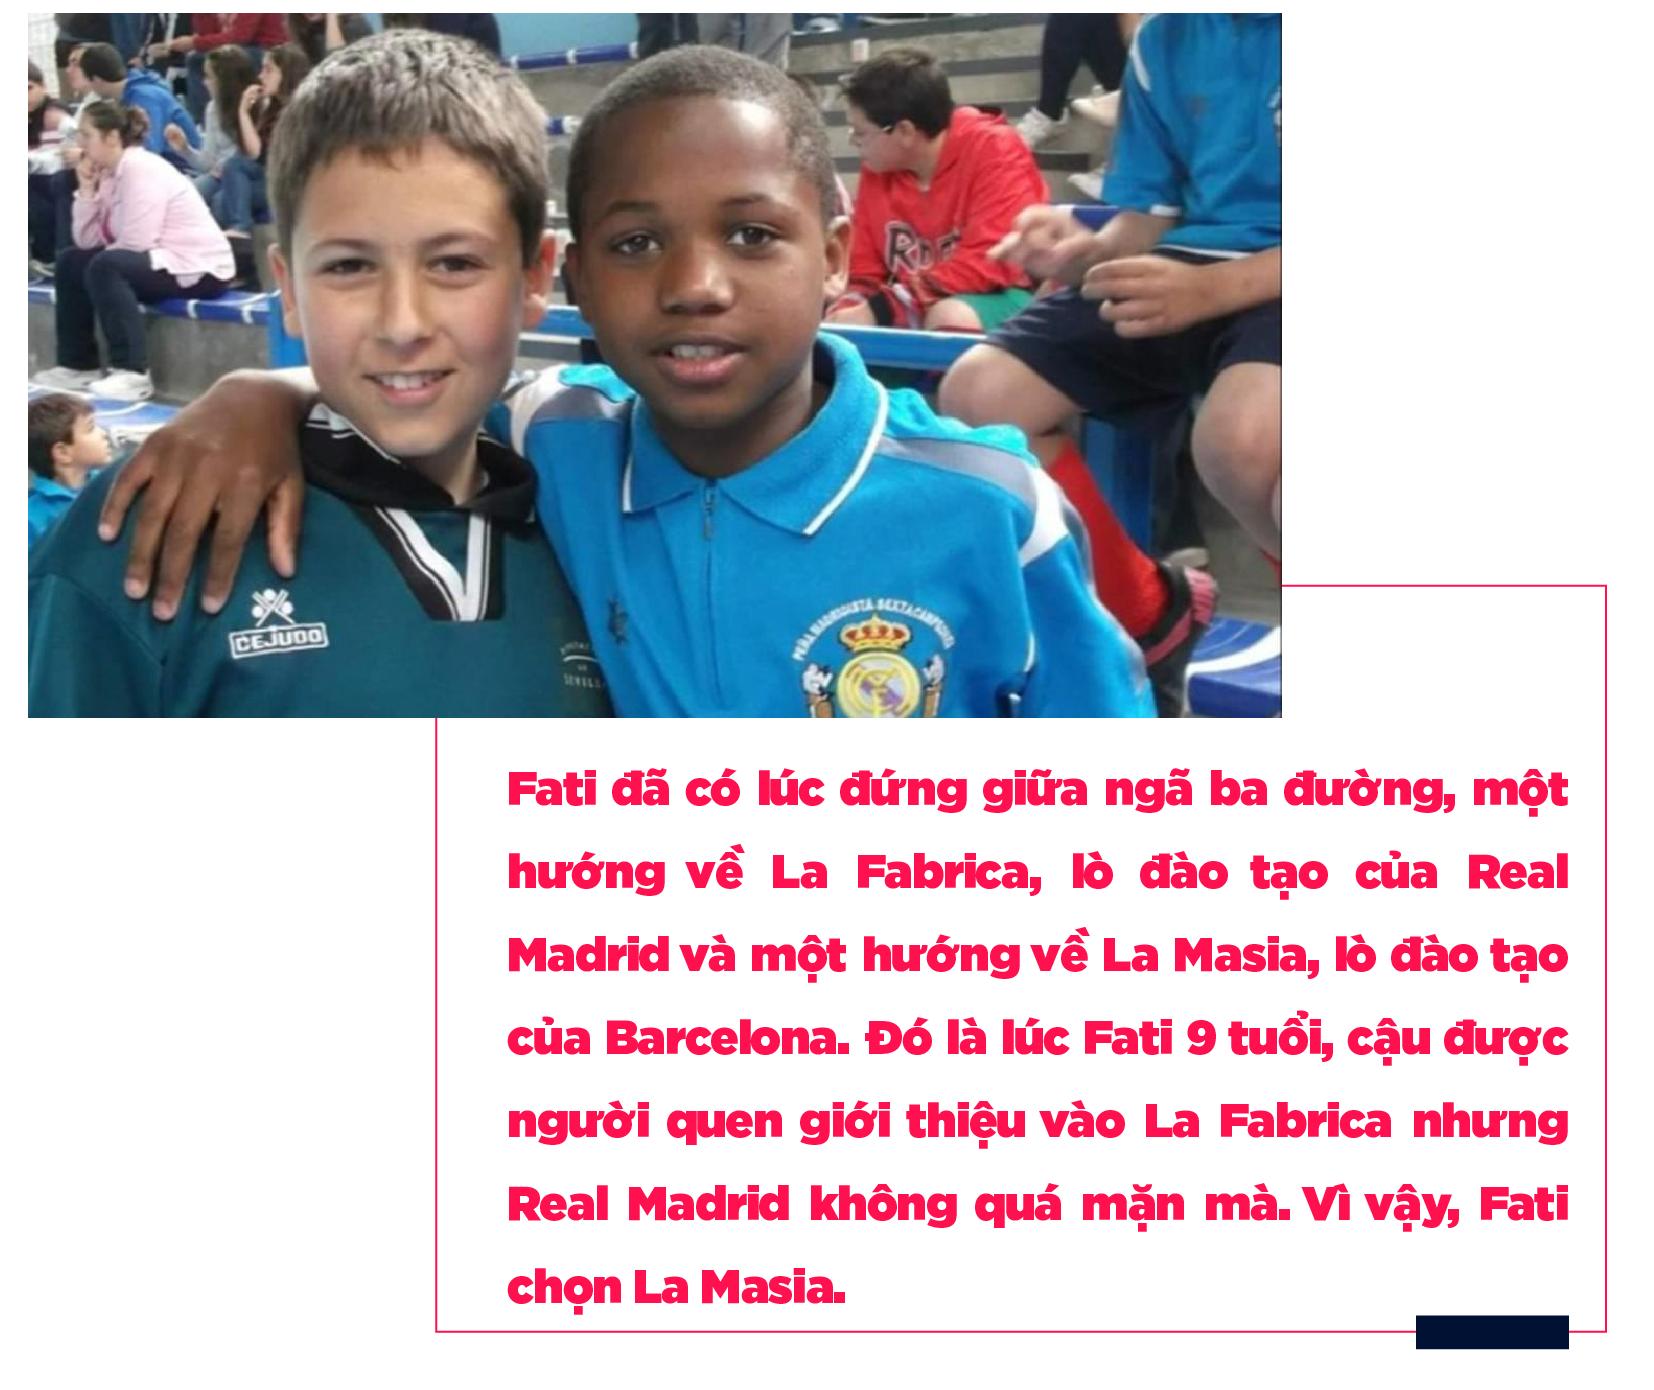 Ansu Fati: Từ giấc mơ Chapi đến ước vọng về một Messi đệ nhị của người Catalonia - Ảnh 5.